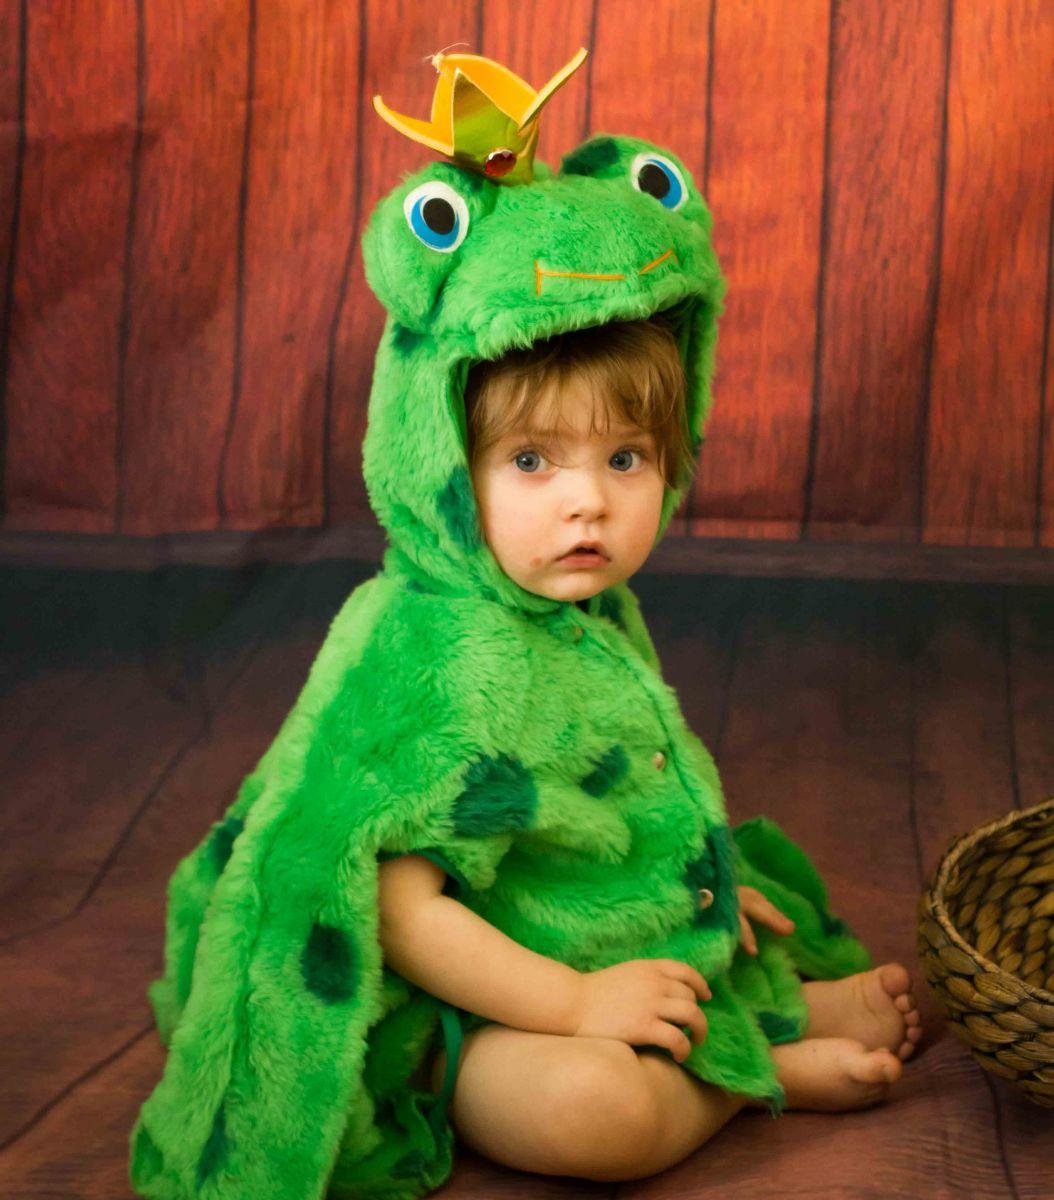 Карнавальный костюм для малышей Царевны Лягушки фирмы ... - photo#16